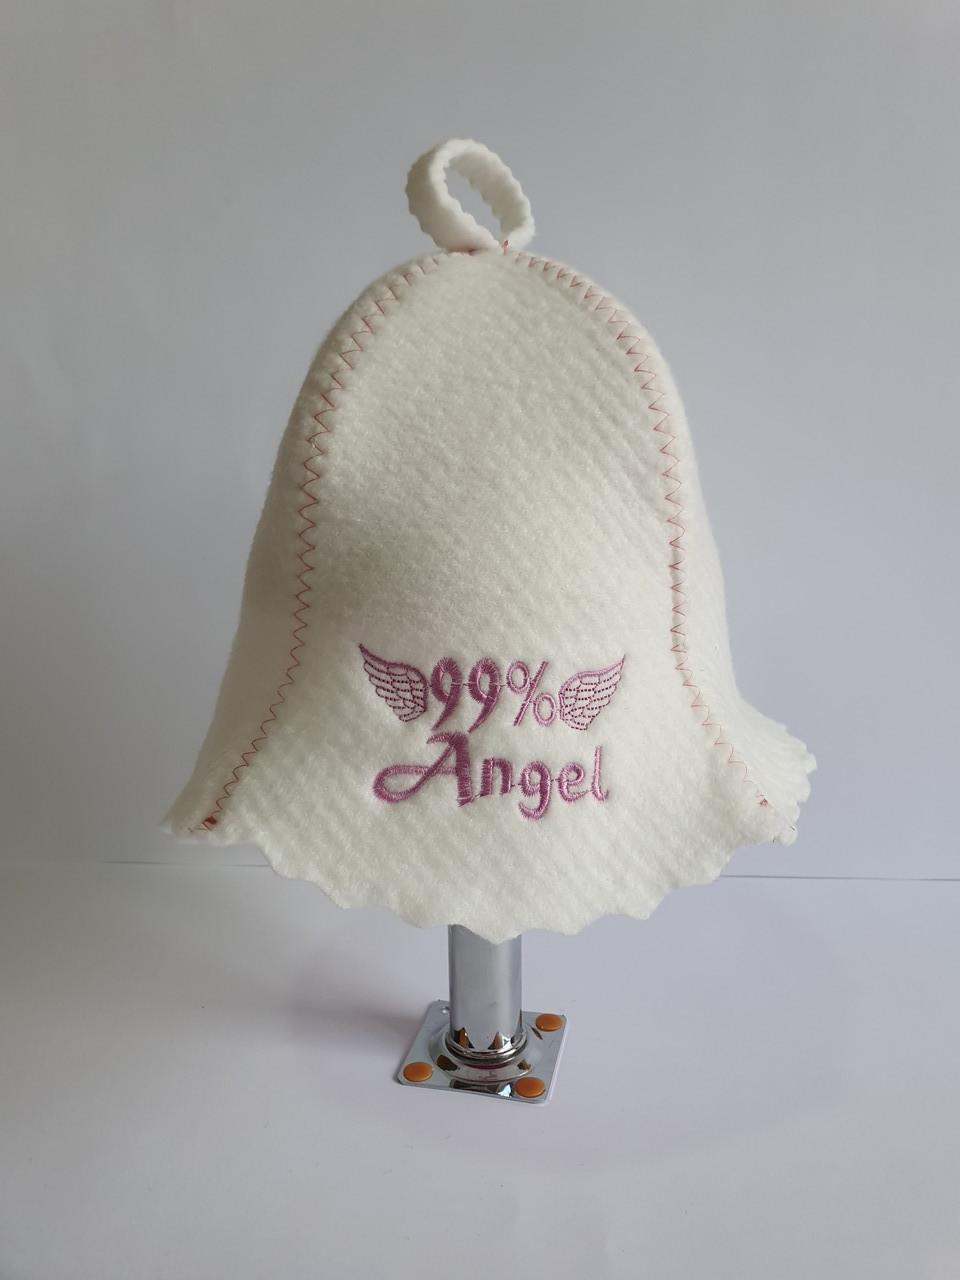 Шапка для бані та сауни з яскравою вишивкою 99% Angel